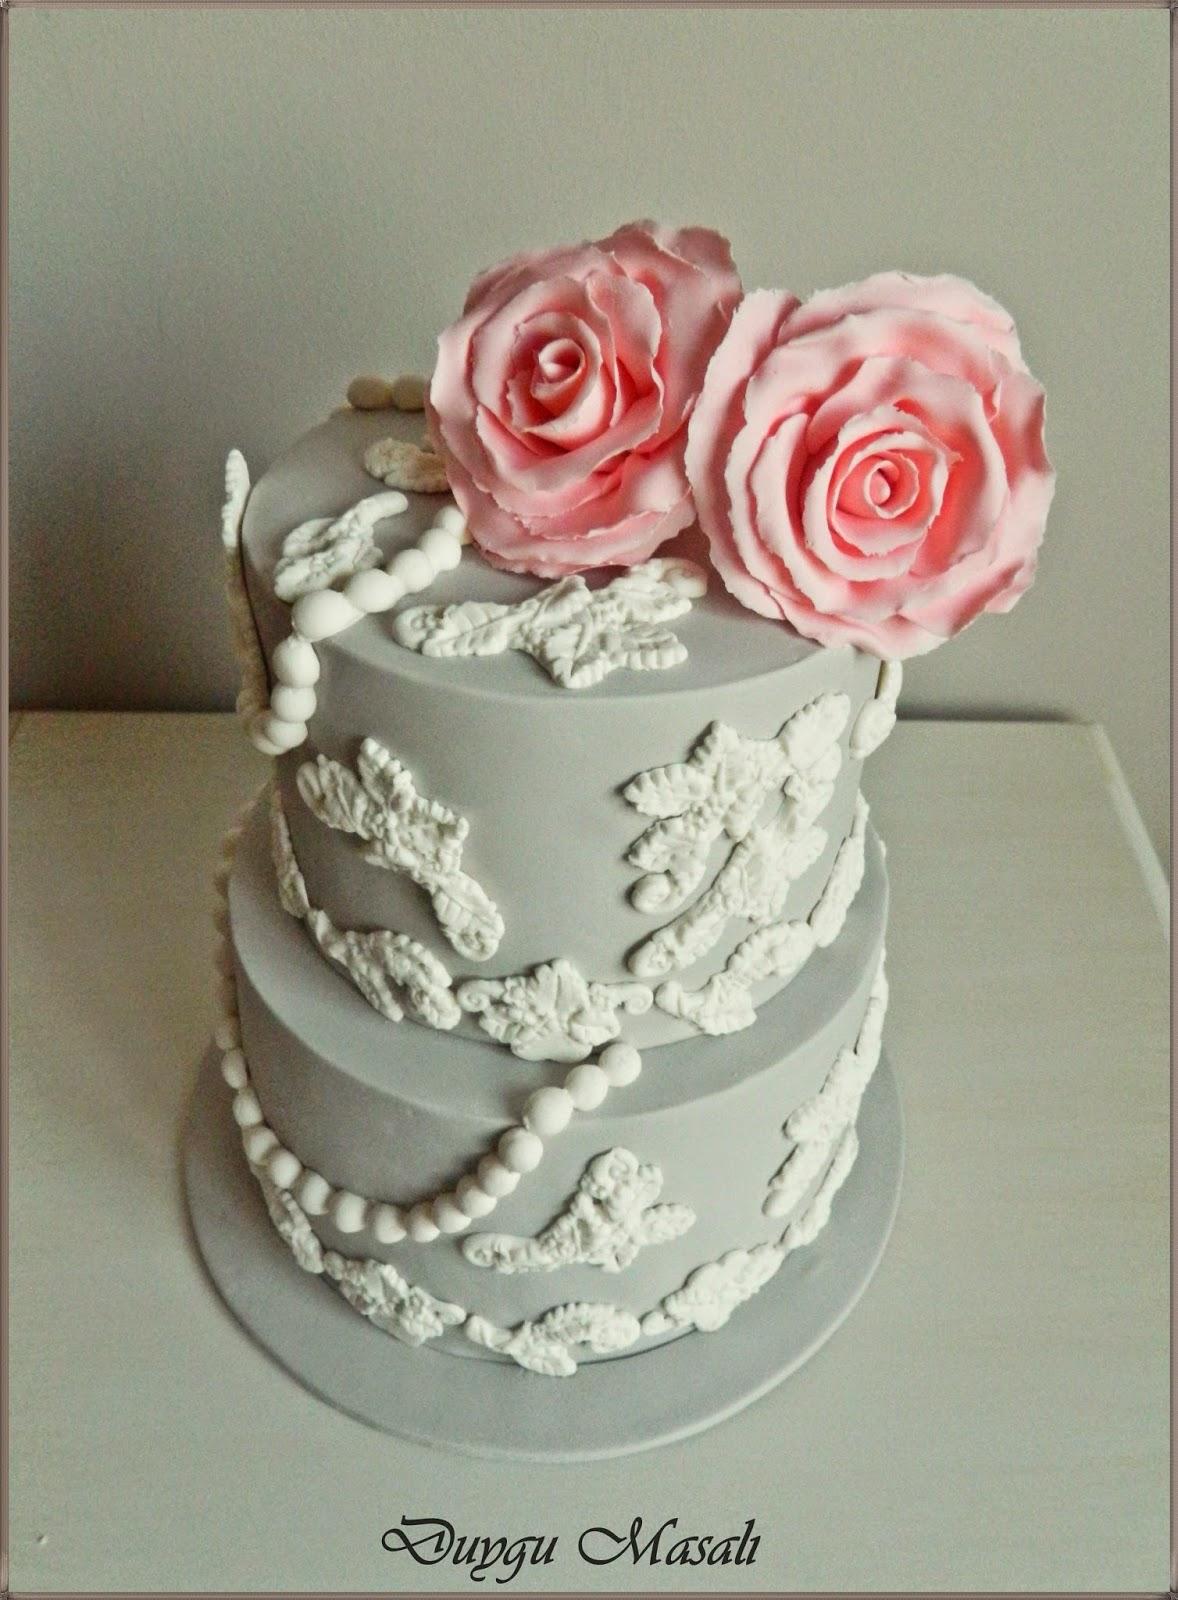 edirne vintage nişan pastası